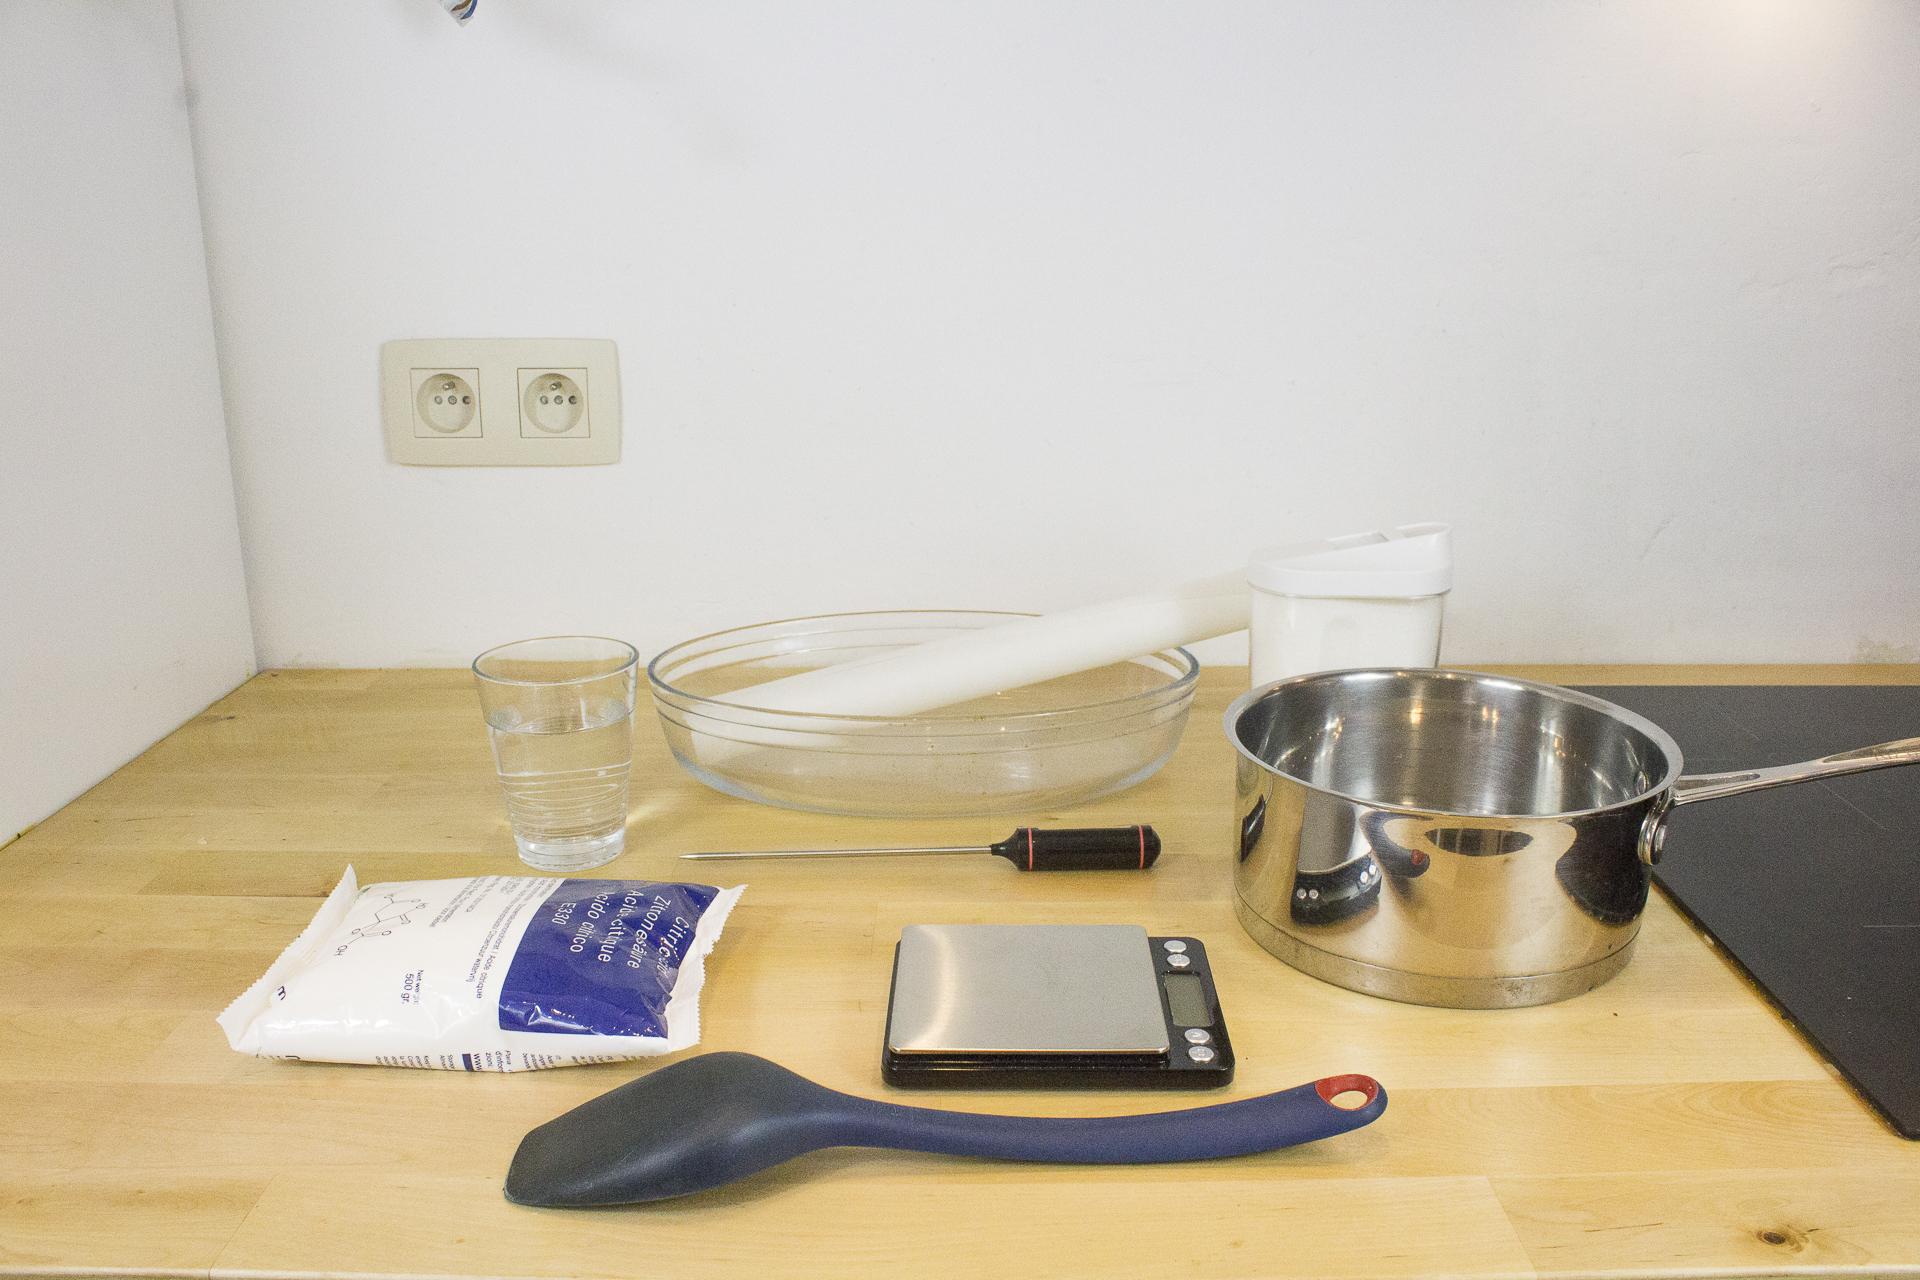 Ingrédients et matériel nécessaires pour faire du sucre candi